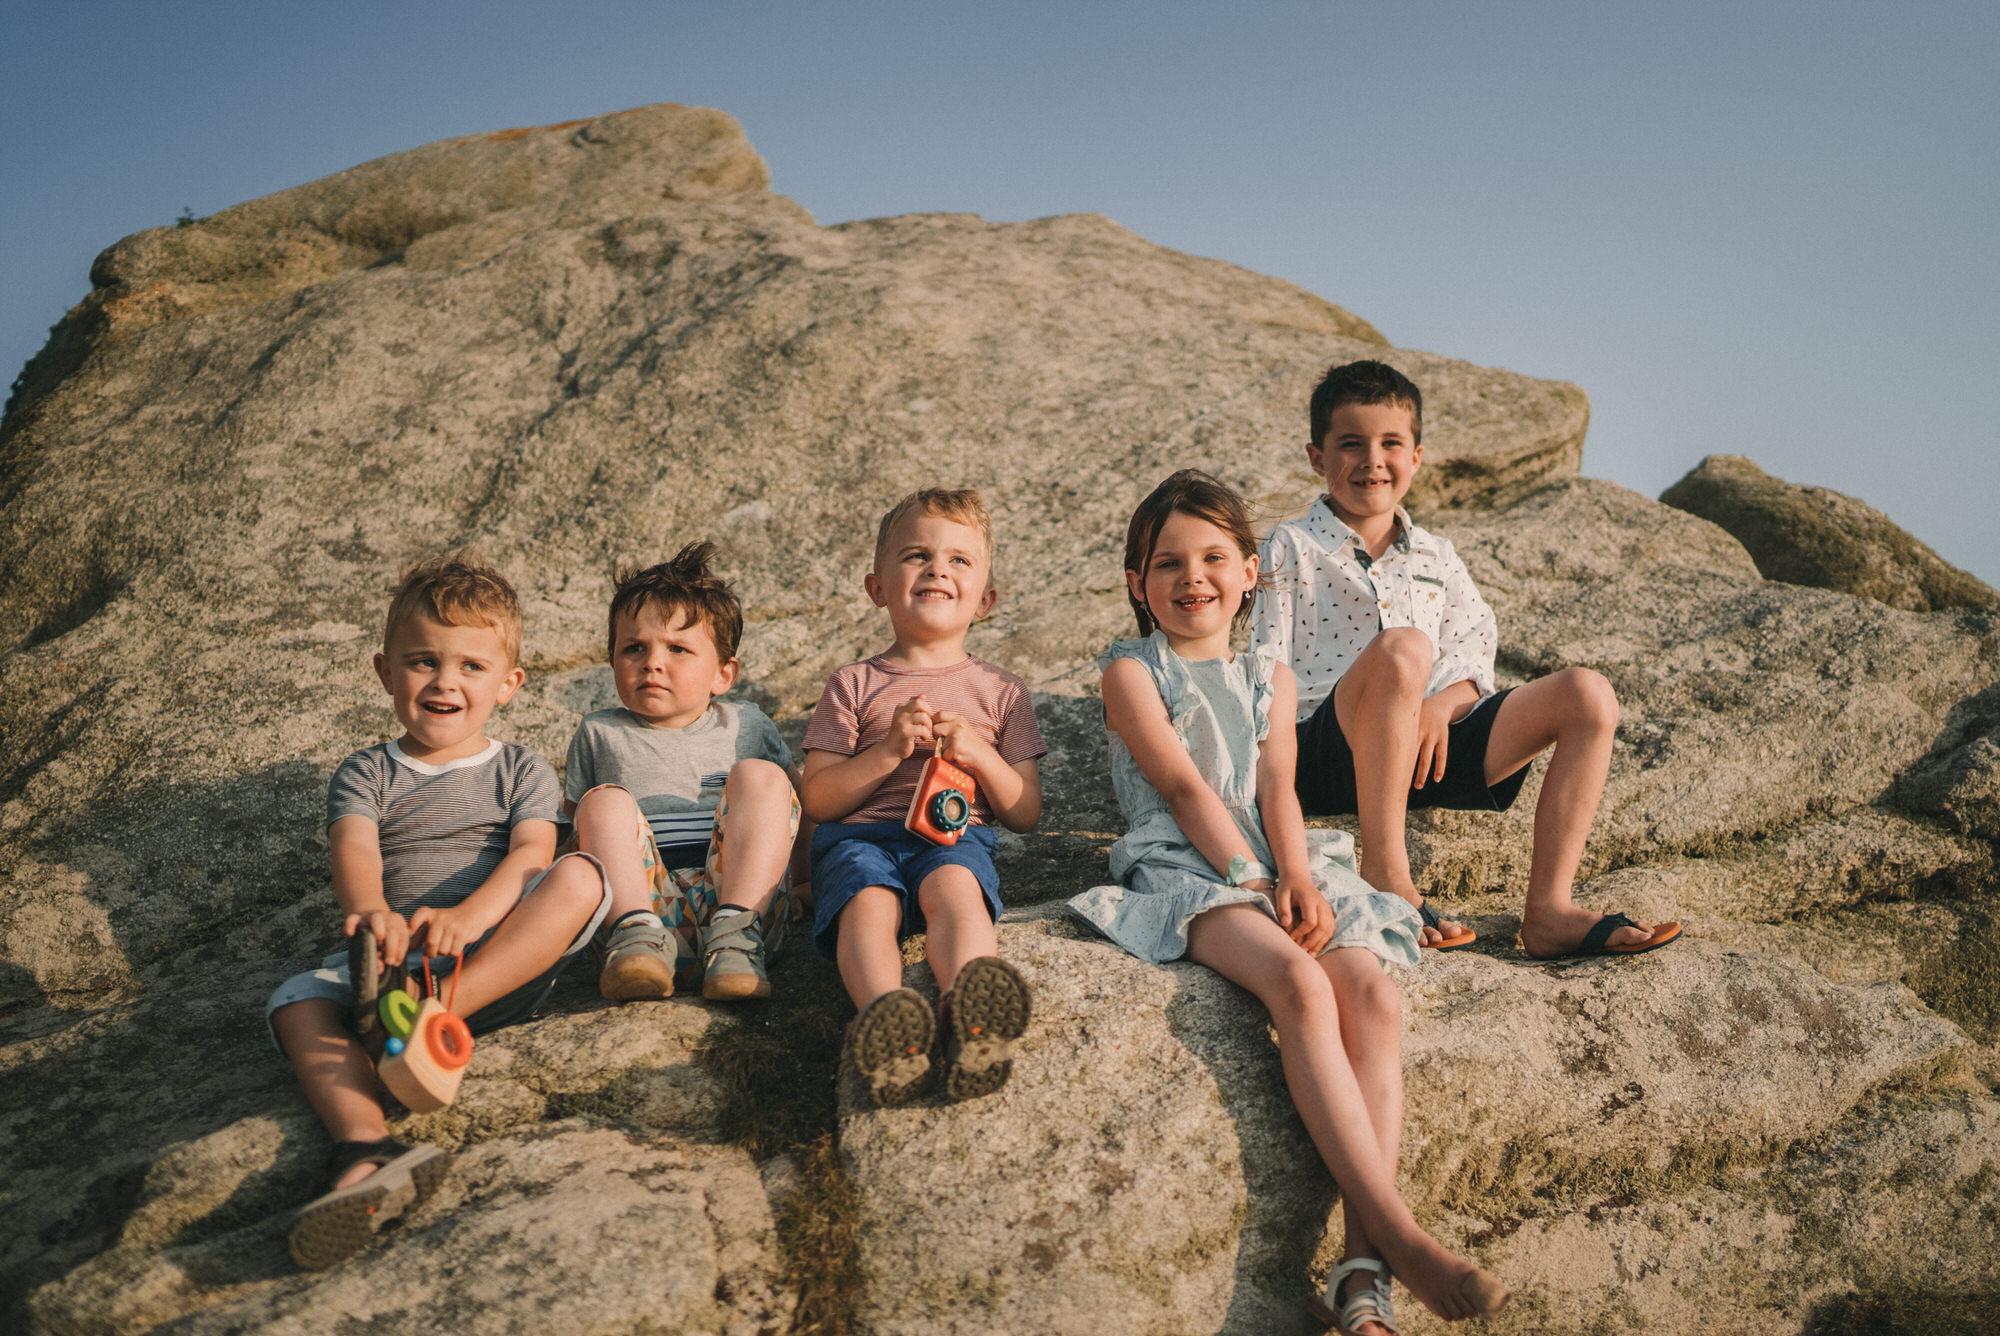 2021.07.20 Photo De Famille A Porspoder En Bretagne Par Antoine Borzeix 200, Photographe & Videaste à Brest / Finistère